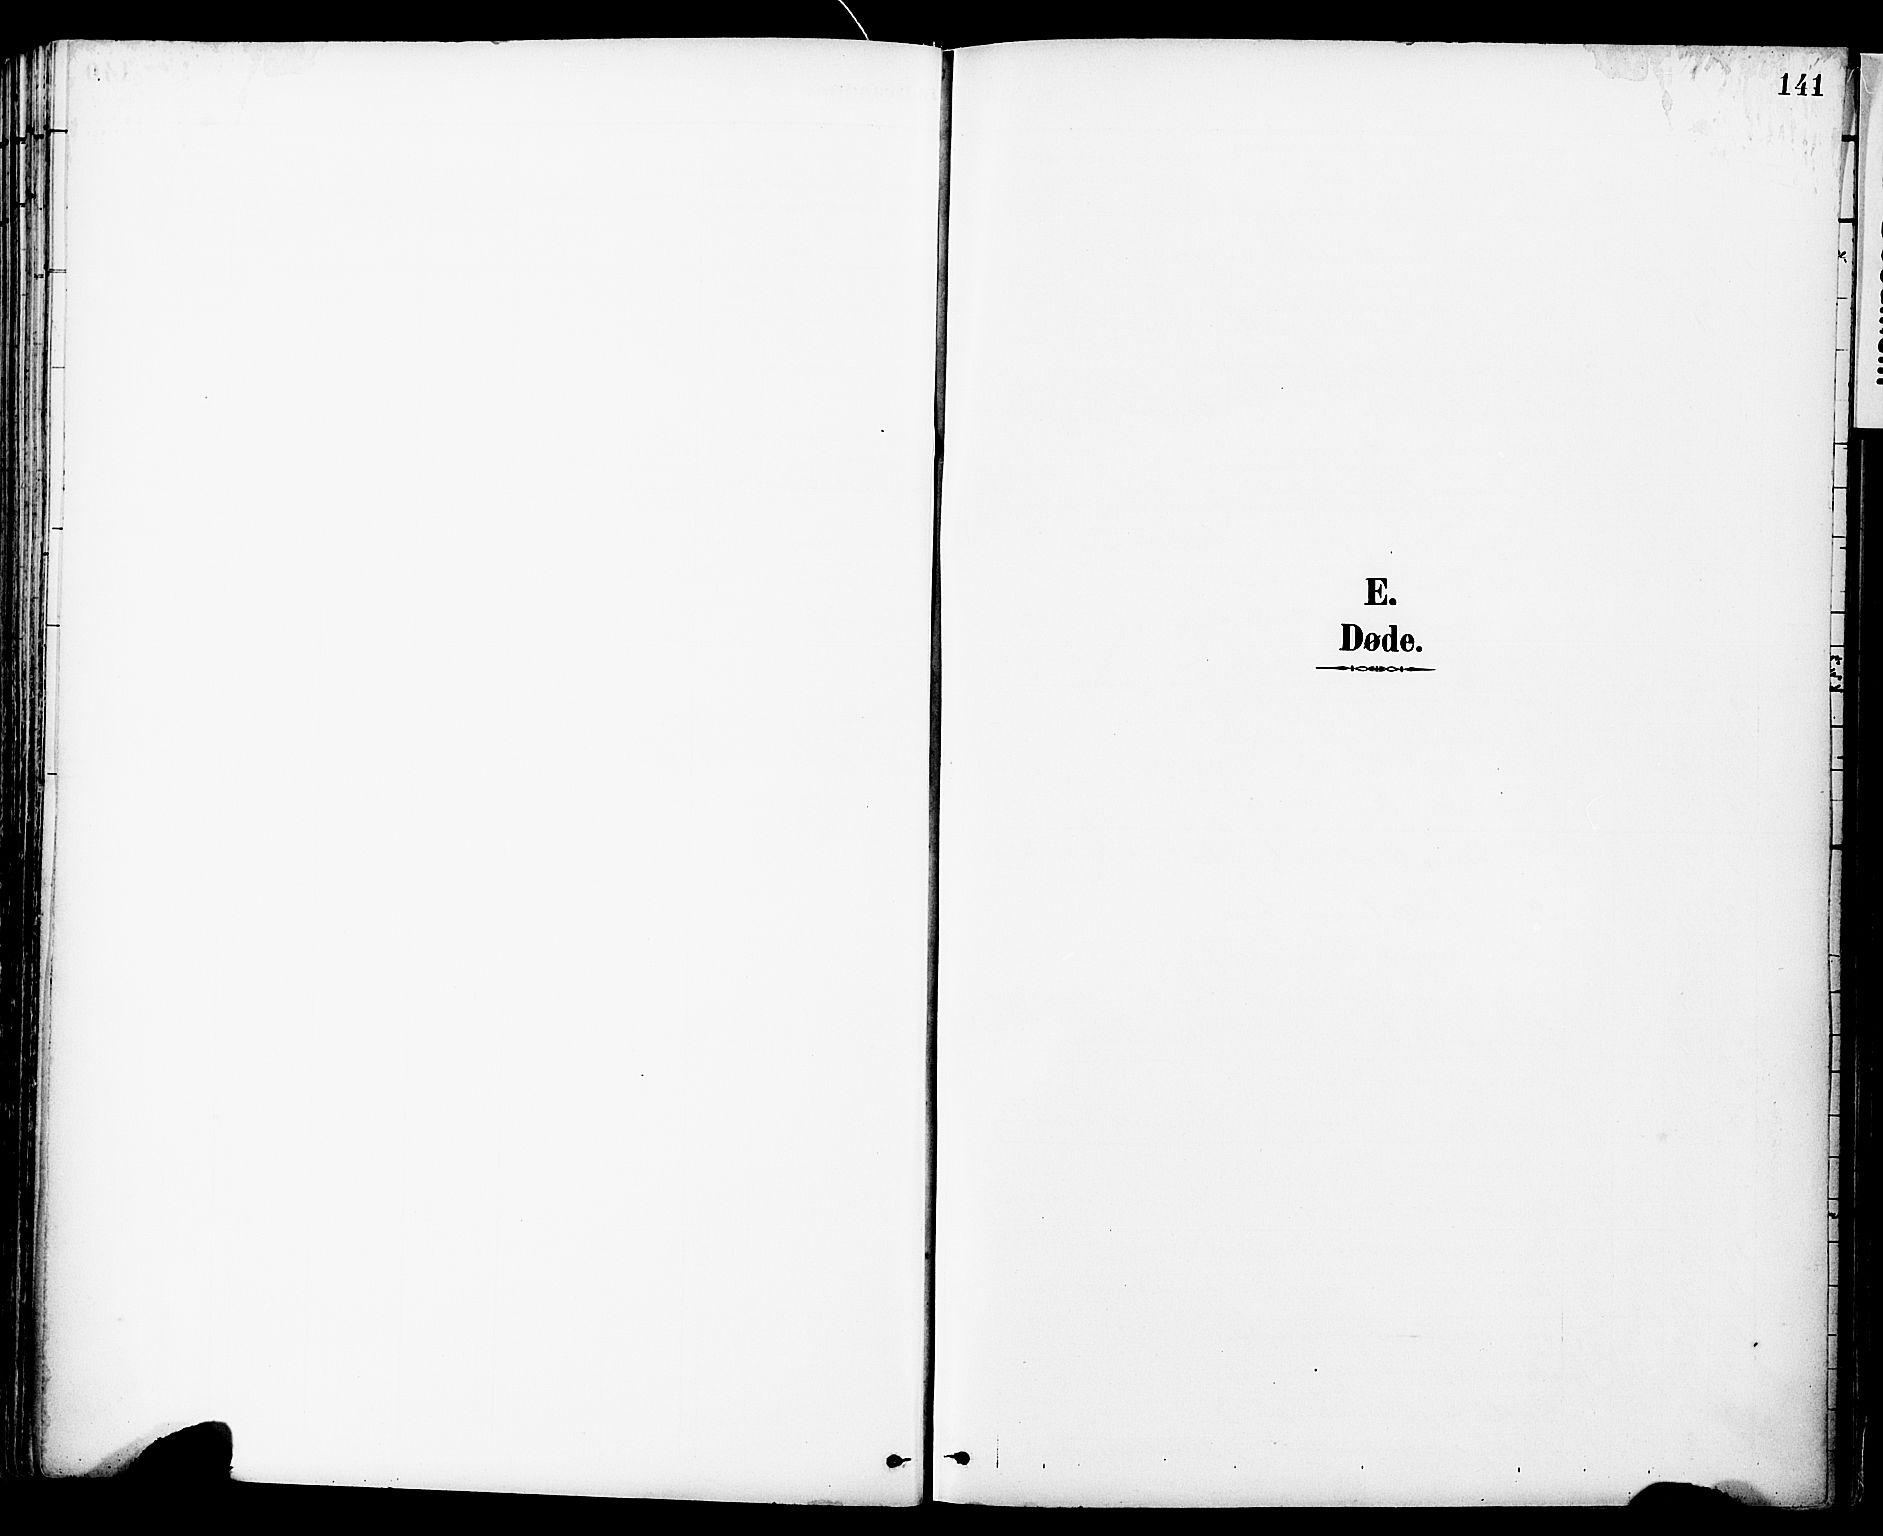 SAT, Ministerialprotokoller, klokkerbøker og fødselsregistre - Sør-Trøndelag, 681/L0935: Ministerialbok nr. 681A13, 1890-1898, s. 141